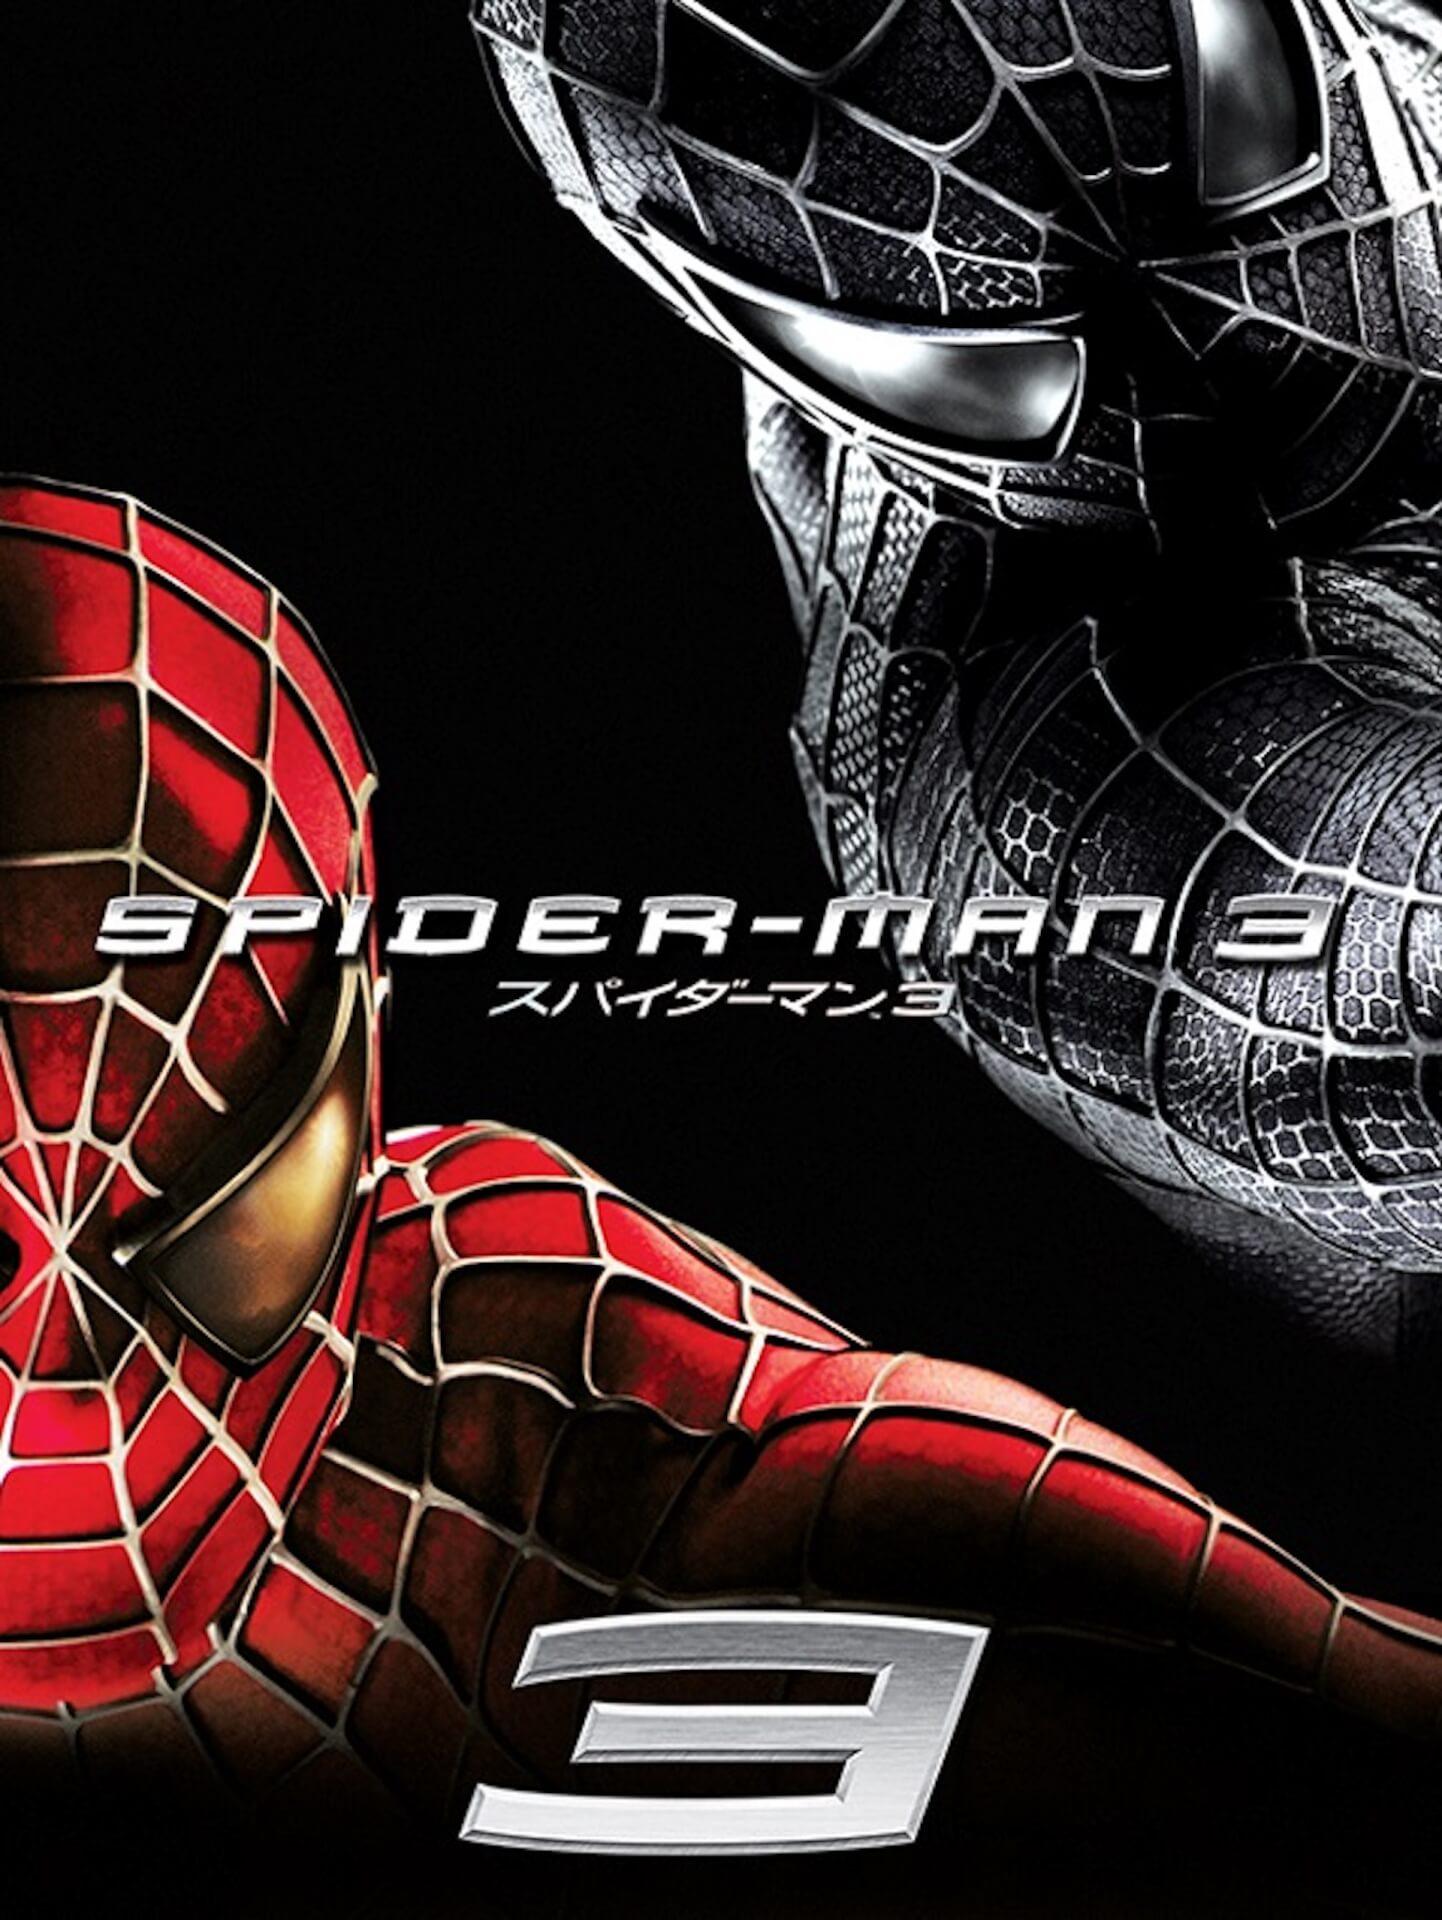 『スパイダーマン』シリーズの一部本編映像&NG映像も解禁!「スパイダーマン ファンウィーク」が本日より開催 flim210728_spiderman_4